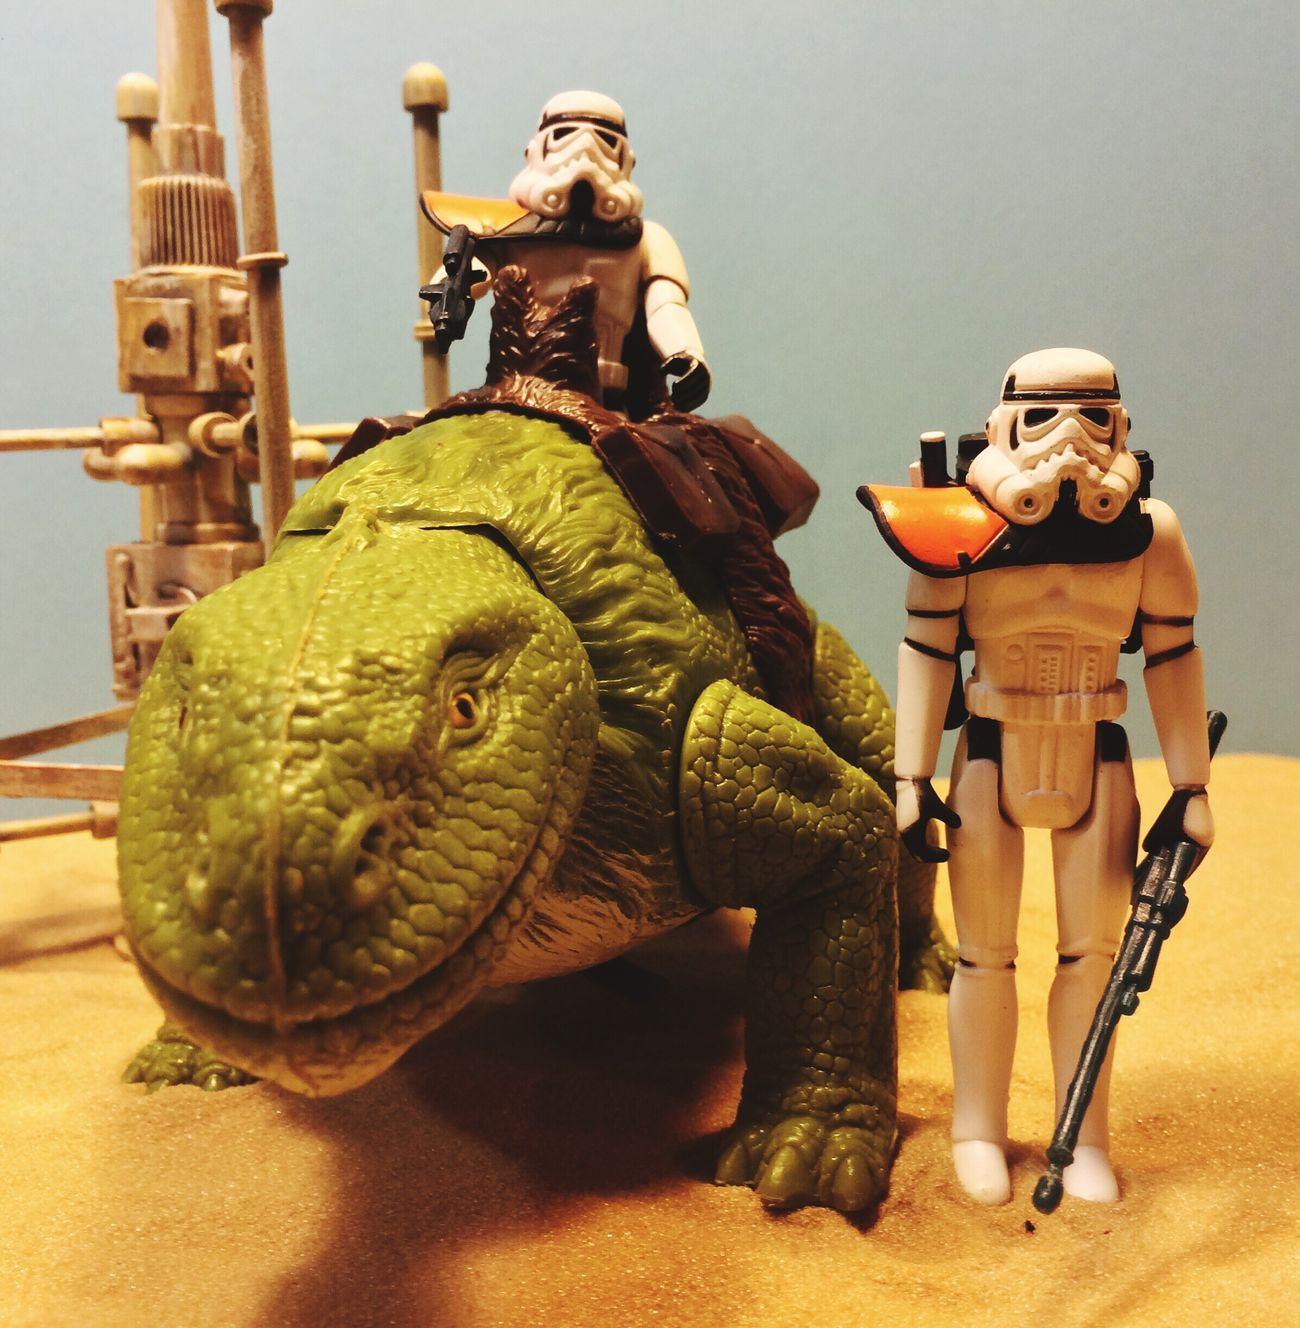 Vintage Kenner custom Sand troopers A New Hope Episode IV Action Figures Starwars Star Wars Star Wars Custom Sandtrooper Kenner Toyphotography